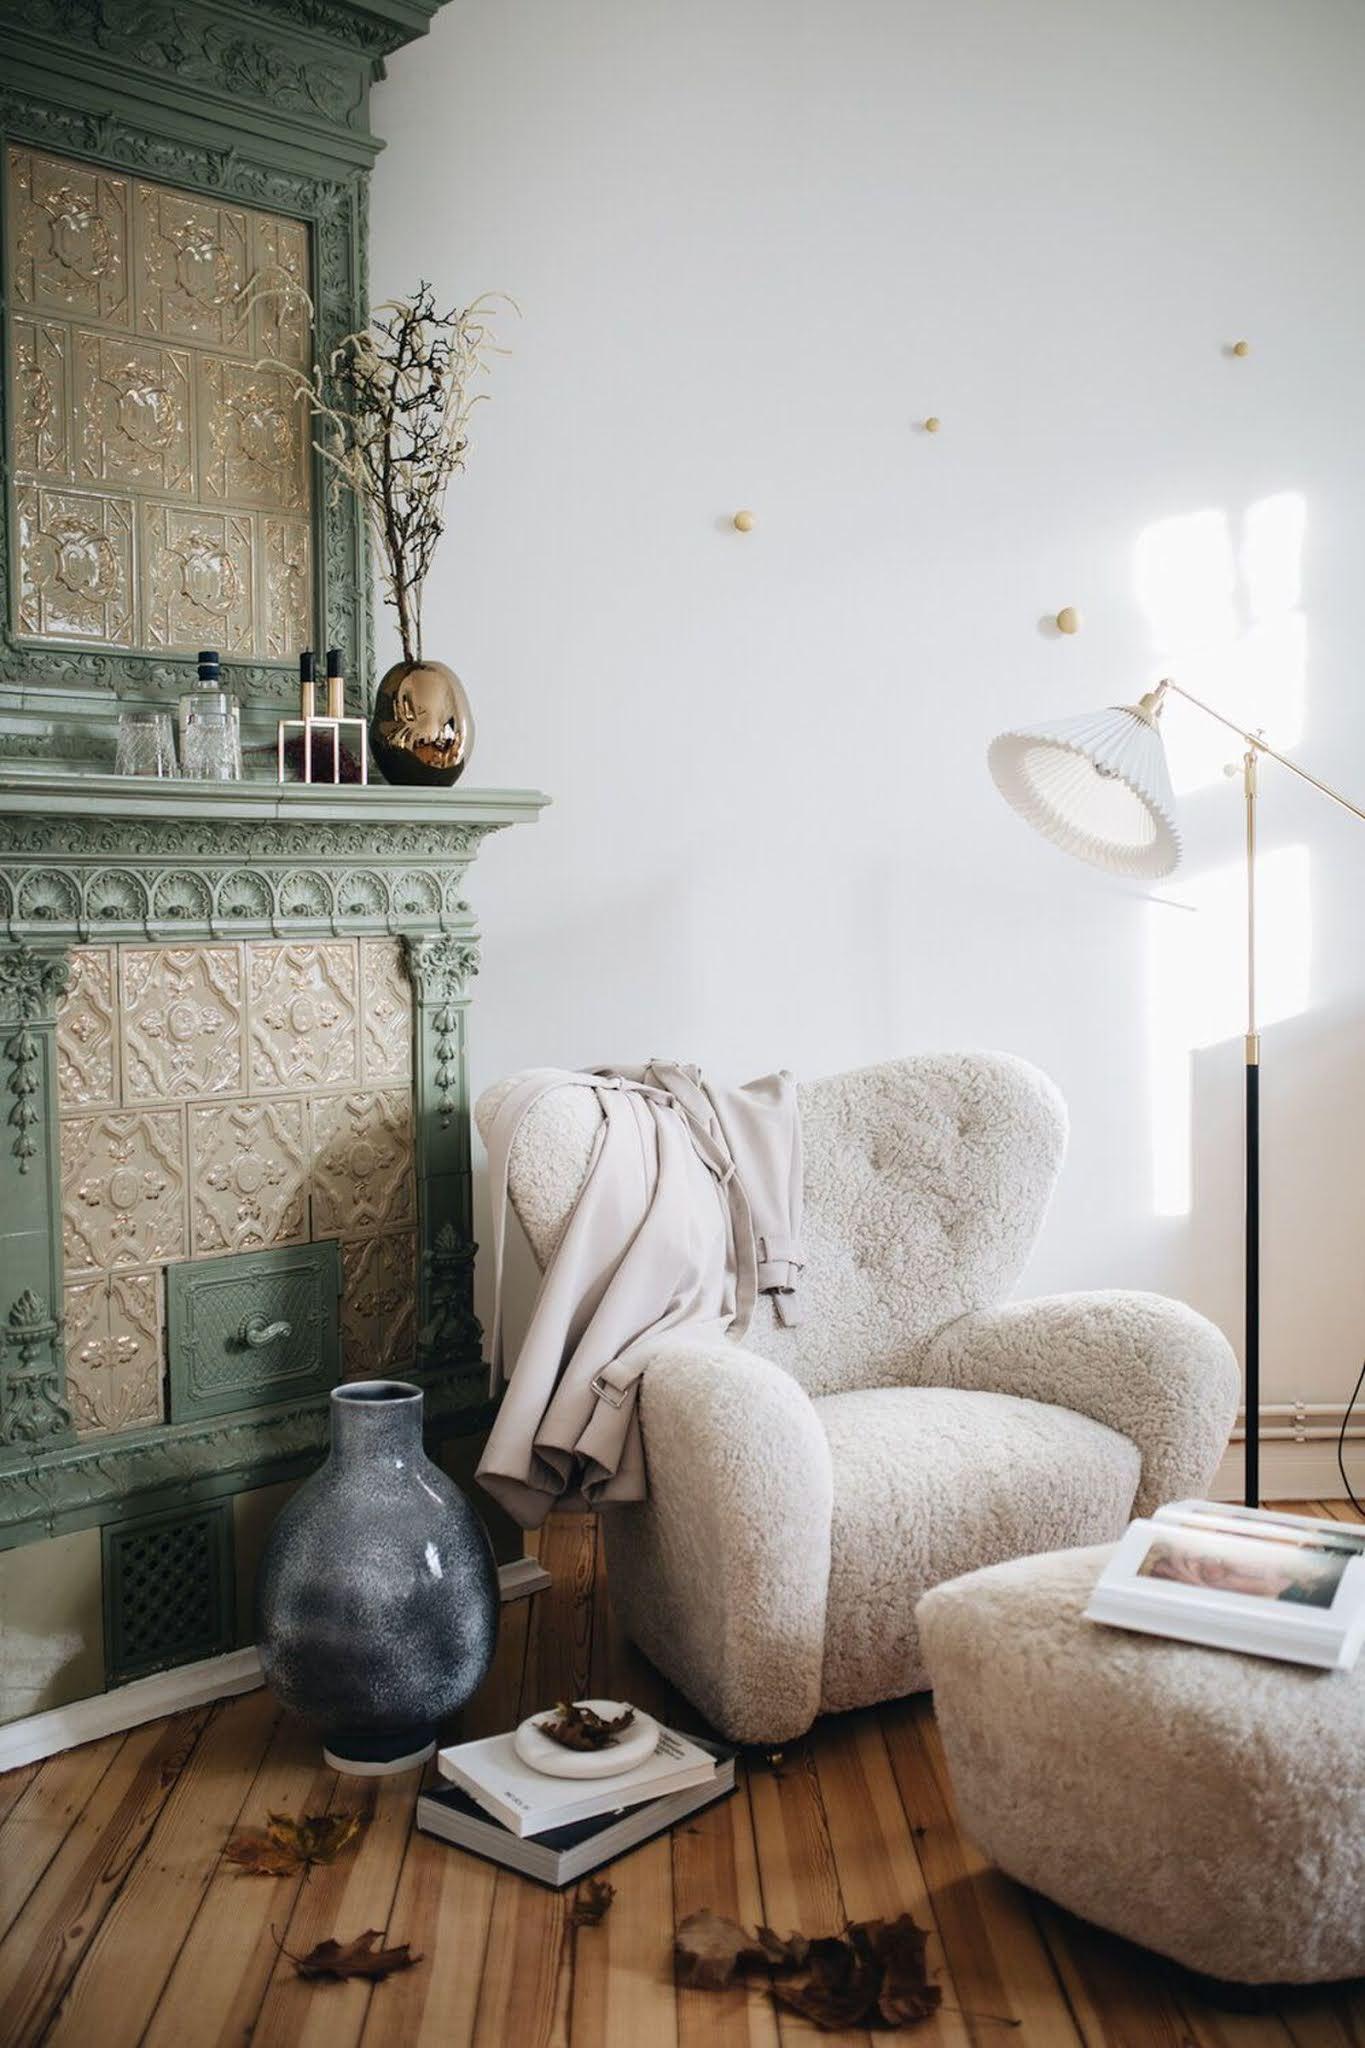 un fauteuil en laine bouclée devant une cheminée sculptée